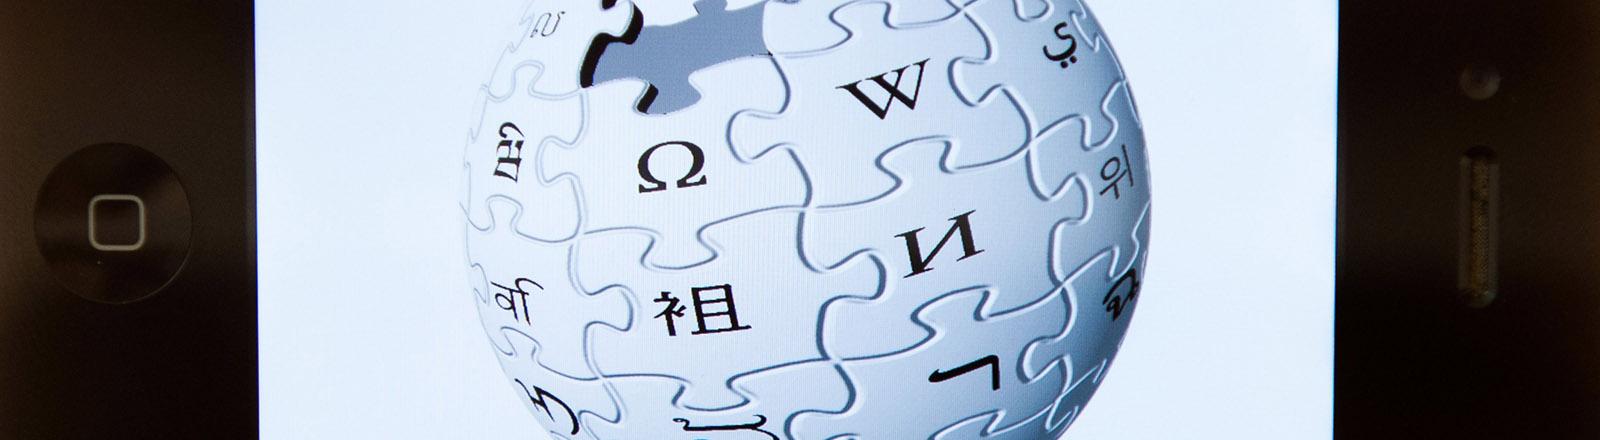 Das Logo der Online-Enzyklopädie Wikipedia ist auf einem i-Phone zu sehen, aufgenommen am 23.08.2012 in Berlin.